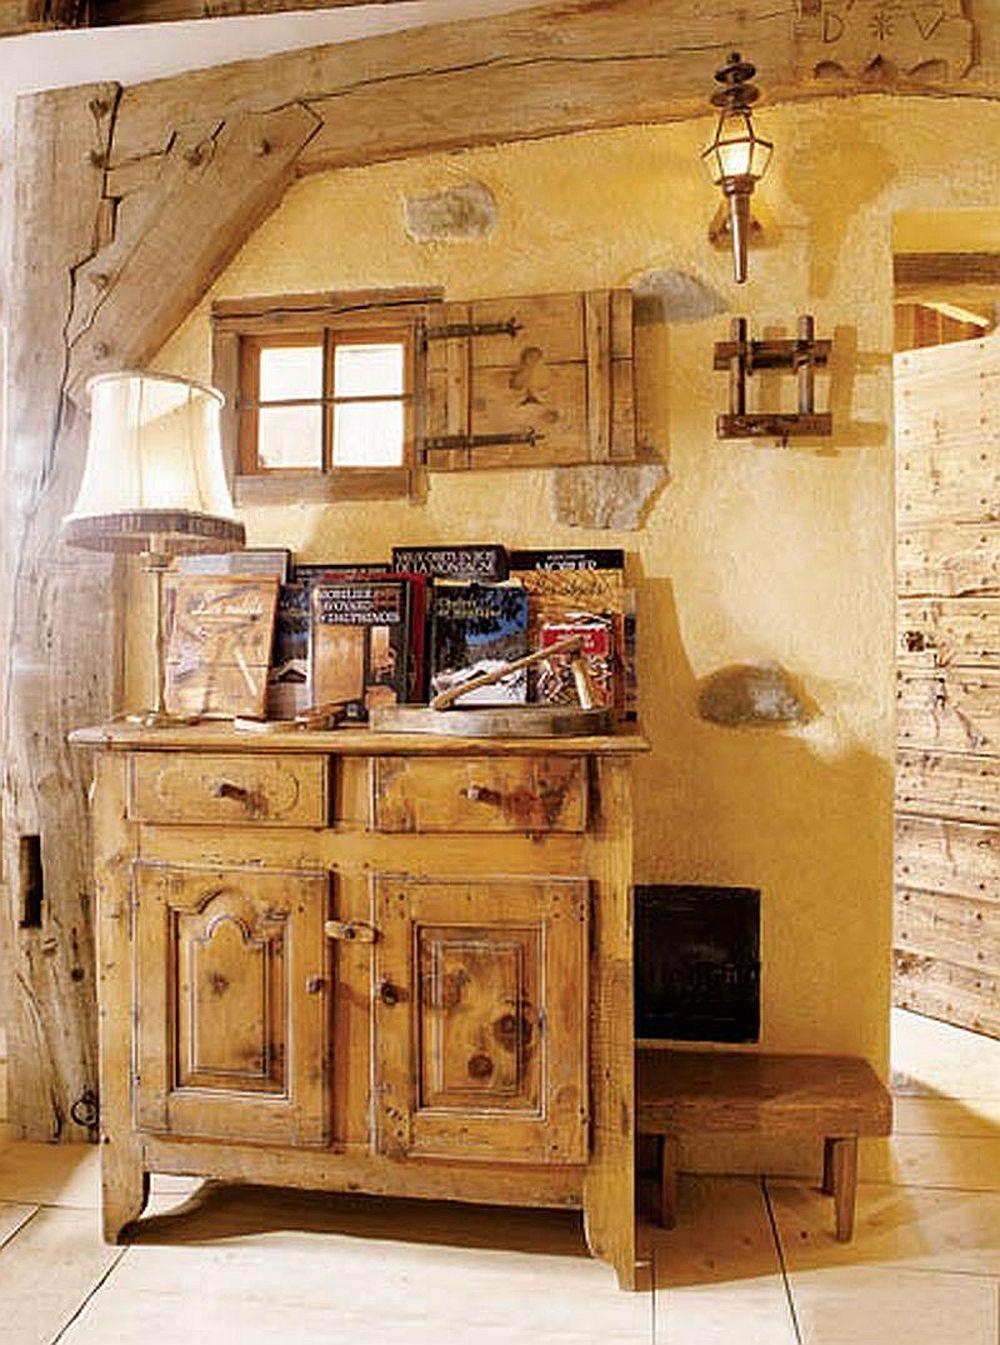 Armul caselor tradi ionale este noul lux contemporan adela p rvu jurnalist home garden Les chalets de philippe chamonix